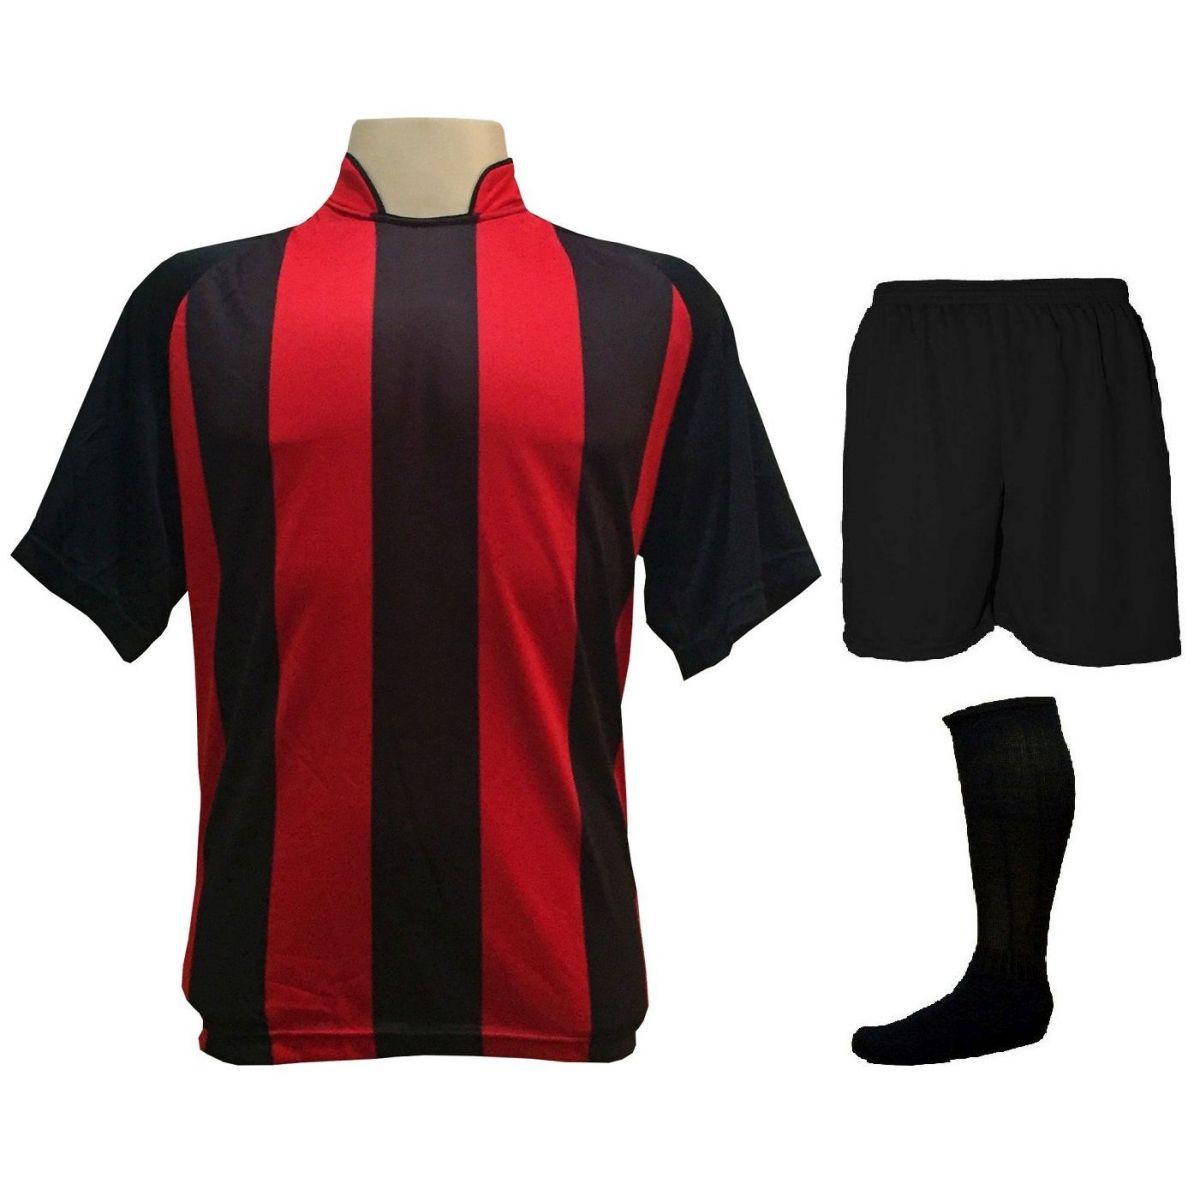 Uniforme Esportivo com 18 camisas modelo Milan Preto/Vermelho + 18 calções modelo Madrid Preto + 18 pares de meiões Preto